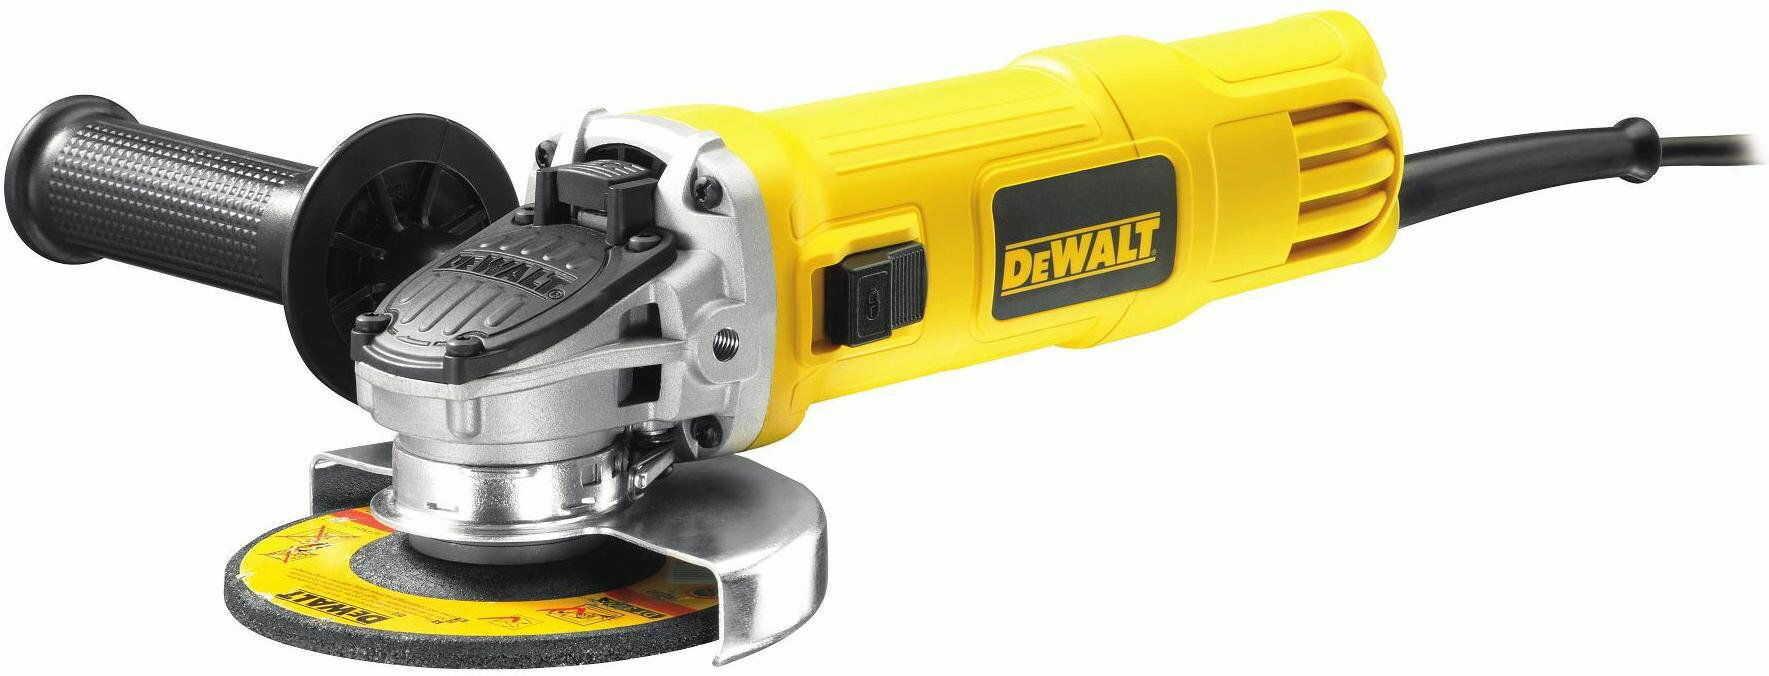 DWE4157 Szlifierka kątowa 125mm 900W